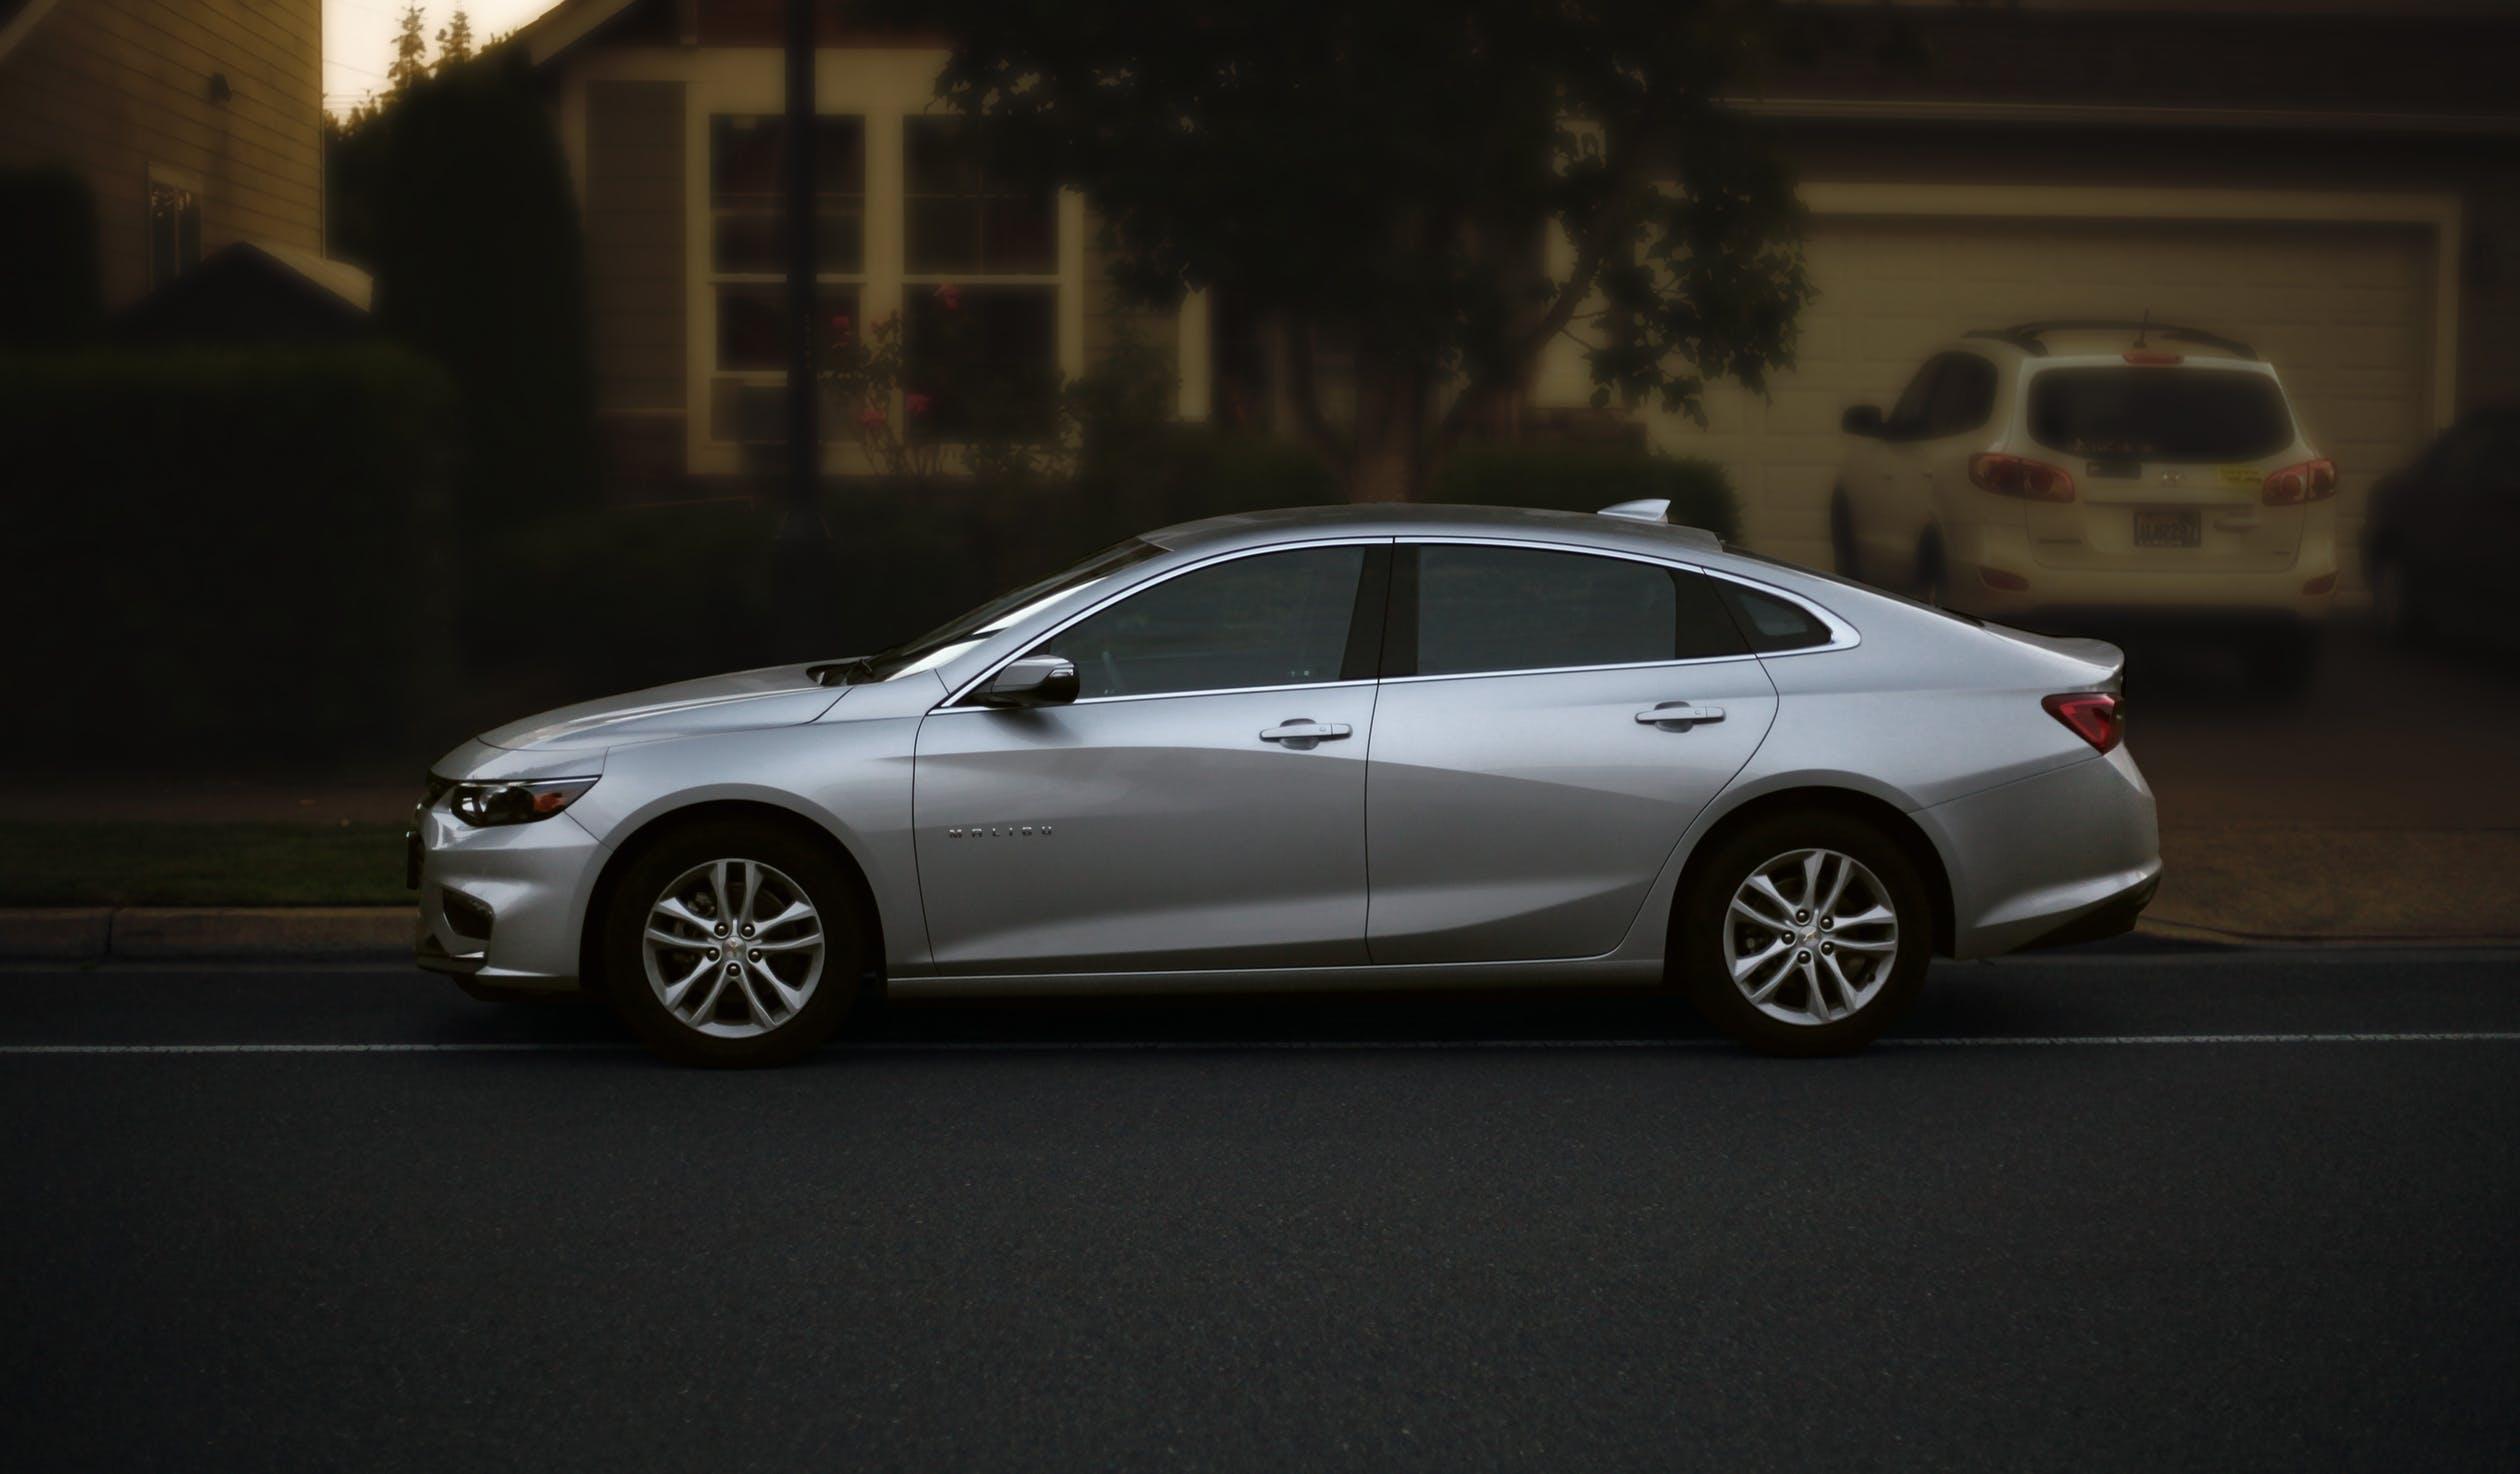 עלות השחרת חלונות לרכב – בואו נחשב את זה